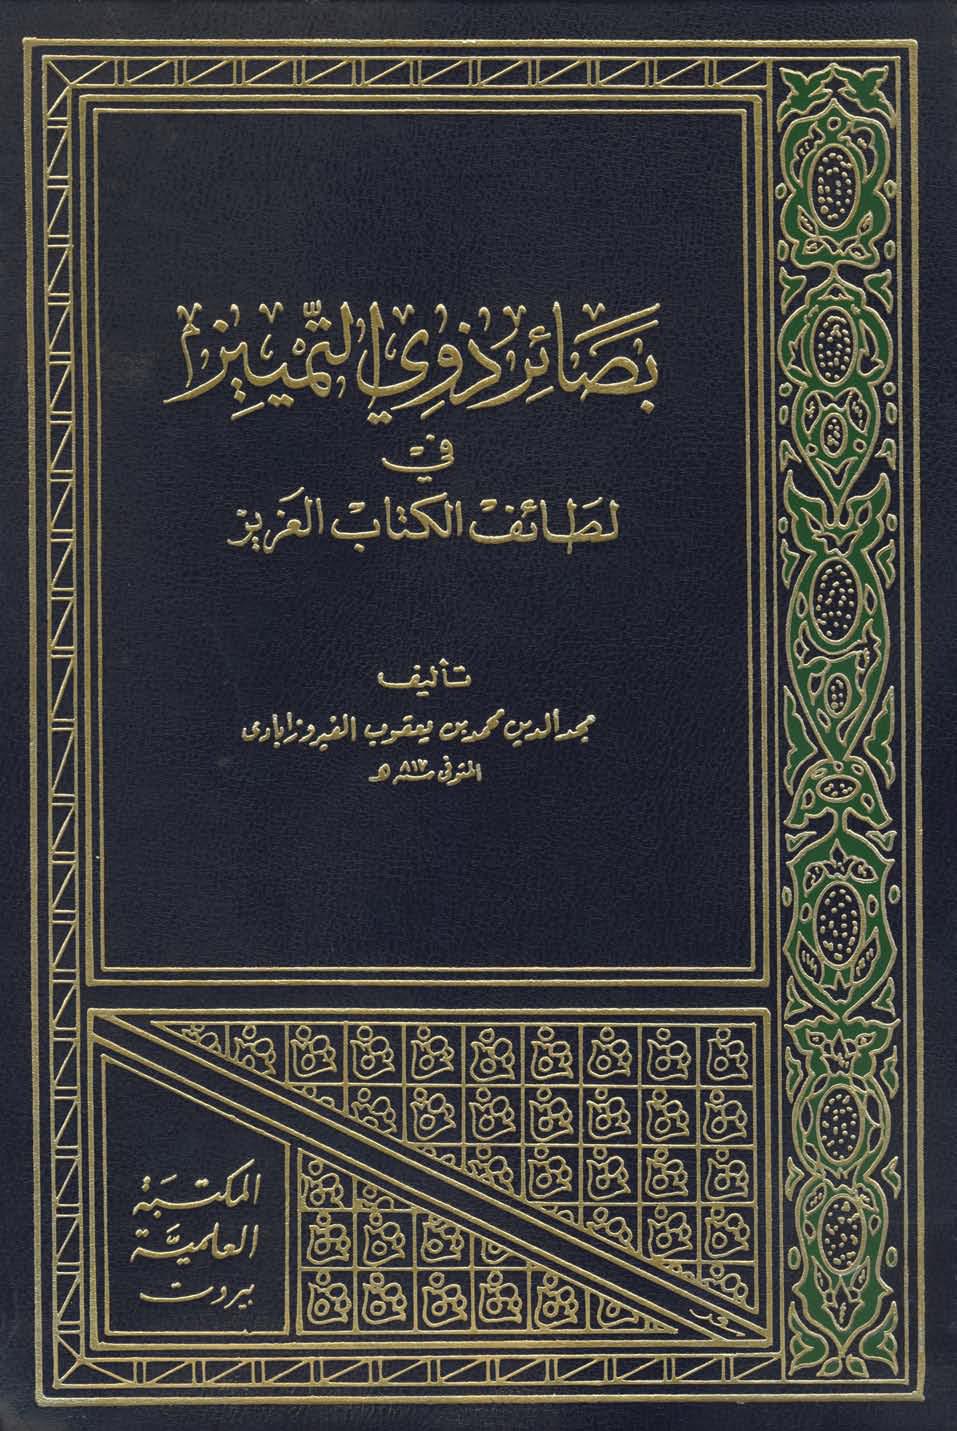 تحميل كتاب بصائر ذوي التمييز في لطائف الكتاب العزيز (المكتبة العلمية) لـِ: الإمام مجد الدين أبو طاهر محمد بن يعقوب الفيروزآبادي (ت 817)